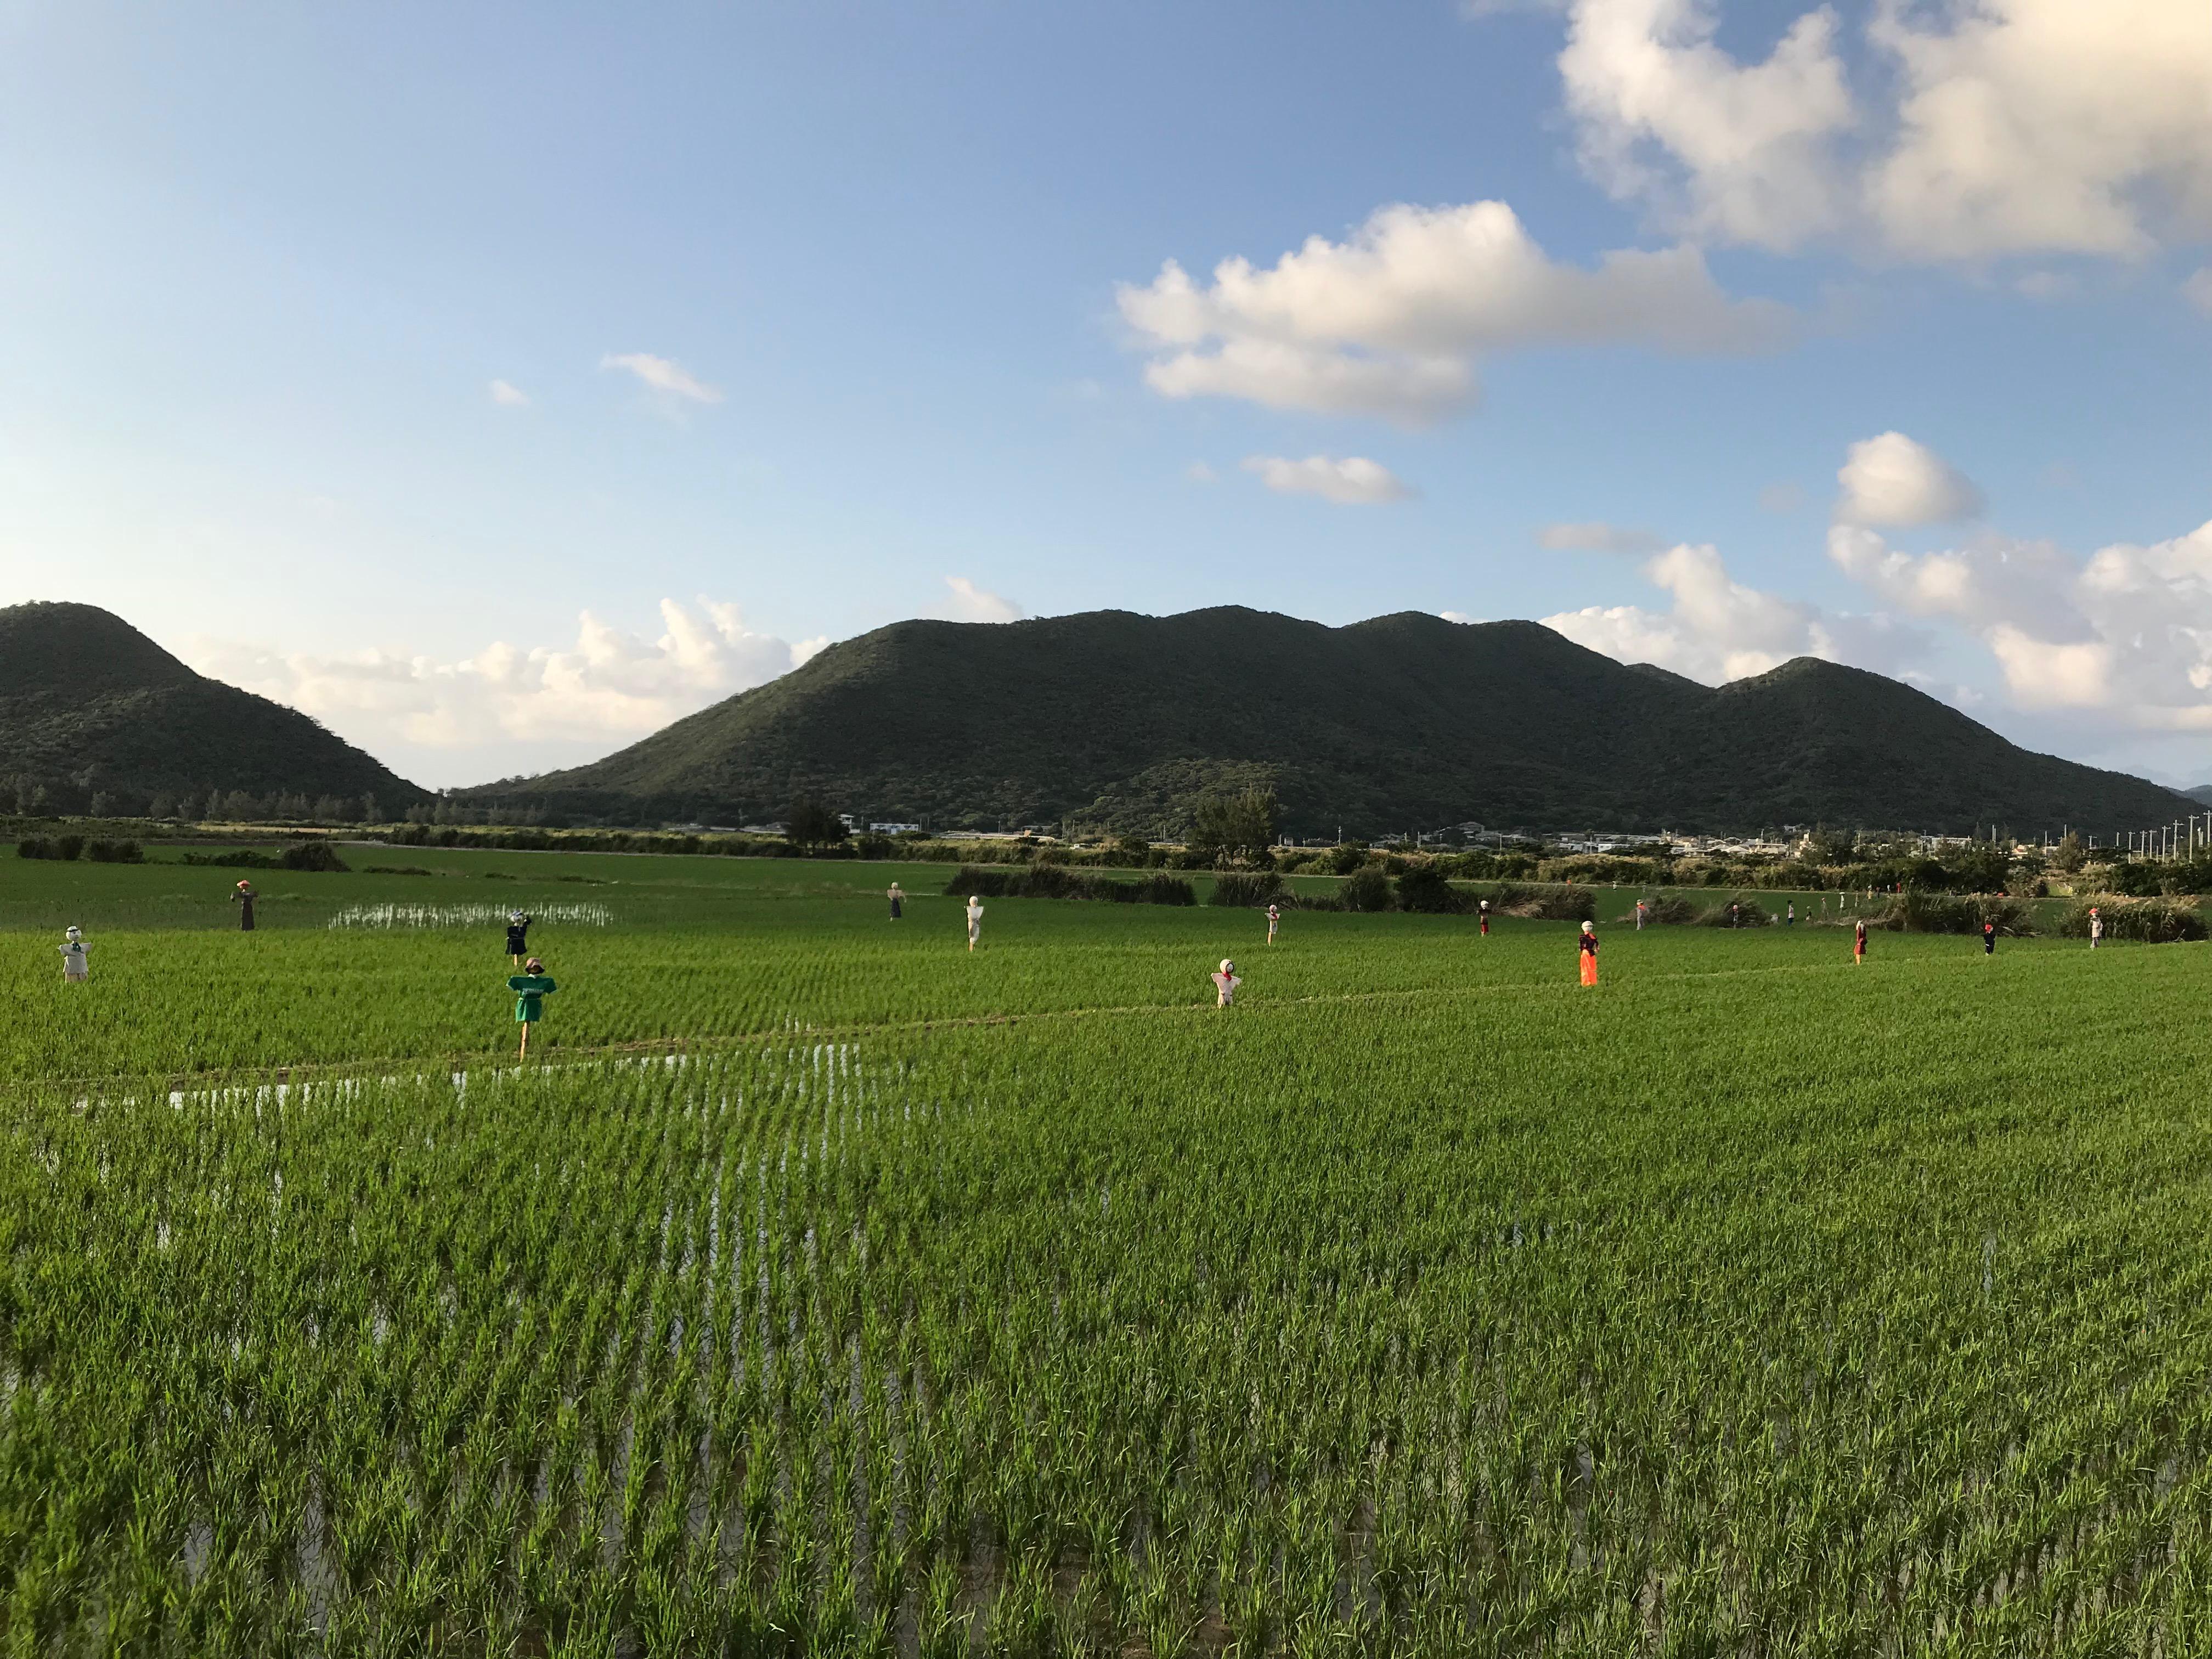 山の麓に田んぼの広がる伊平屋島の風景